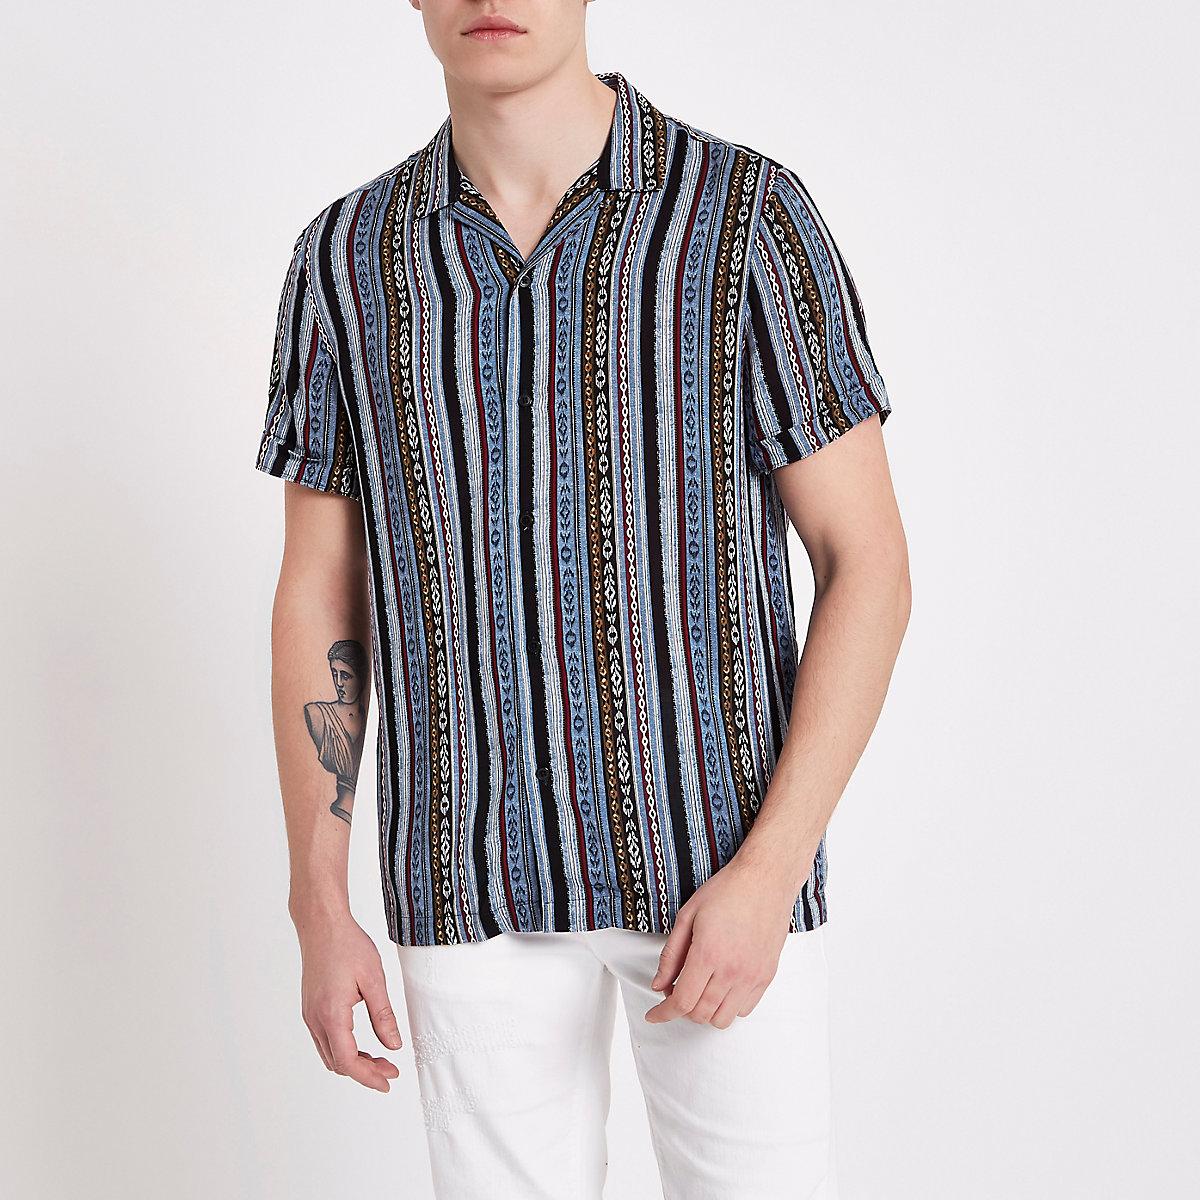 Chemise imprimé aztèque bleue à manches courtes et col à revers